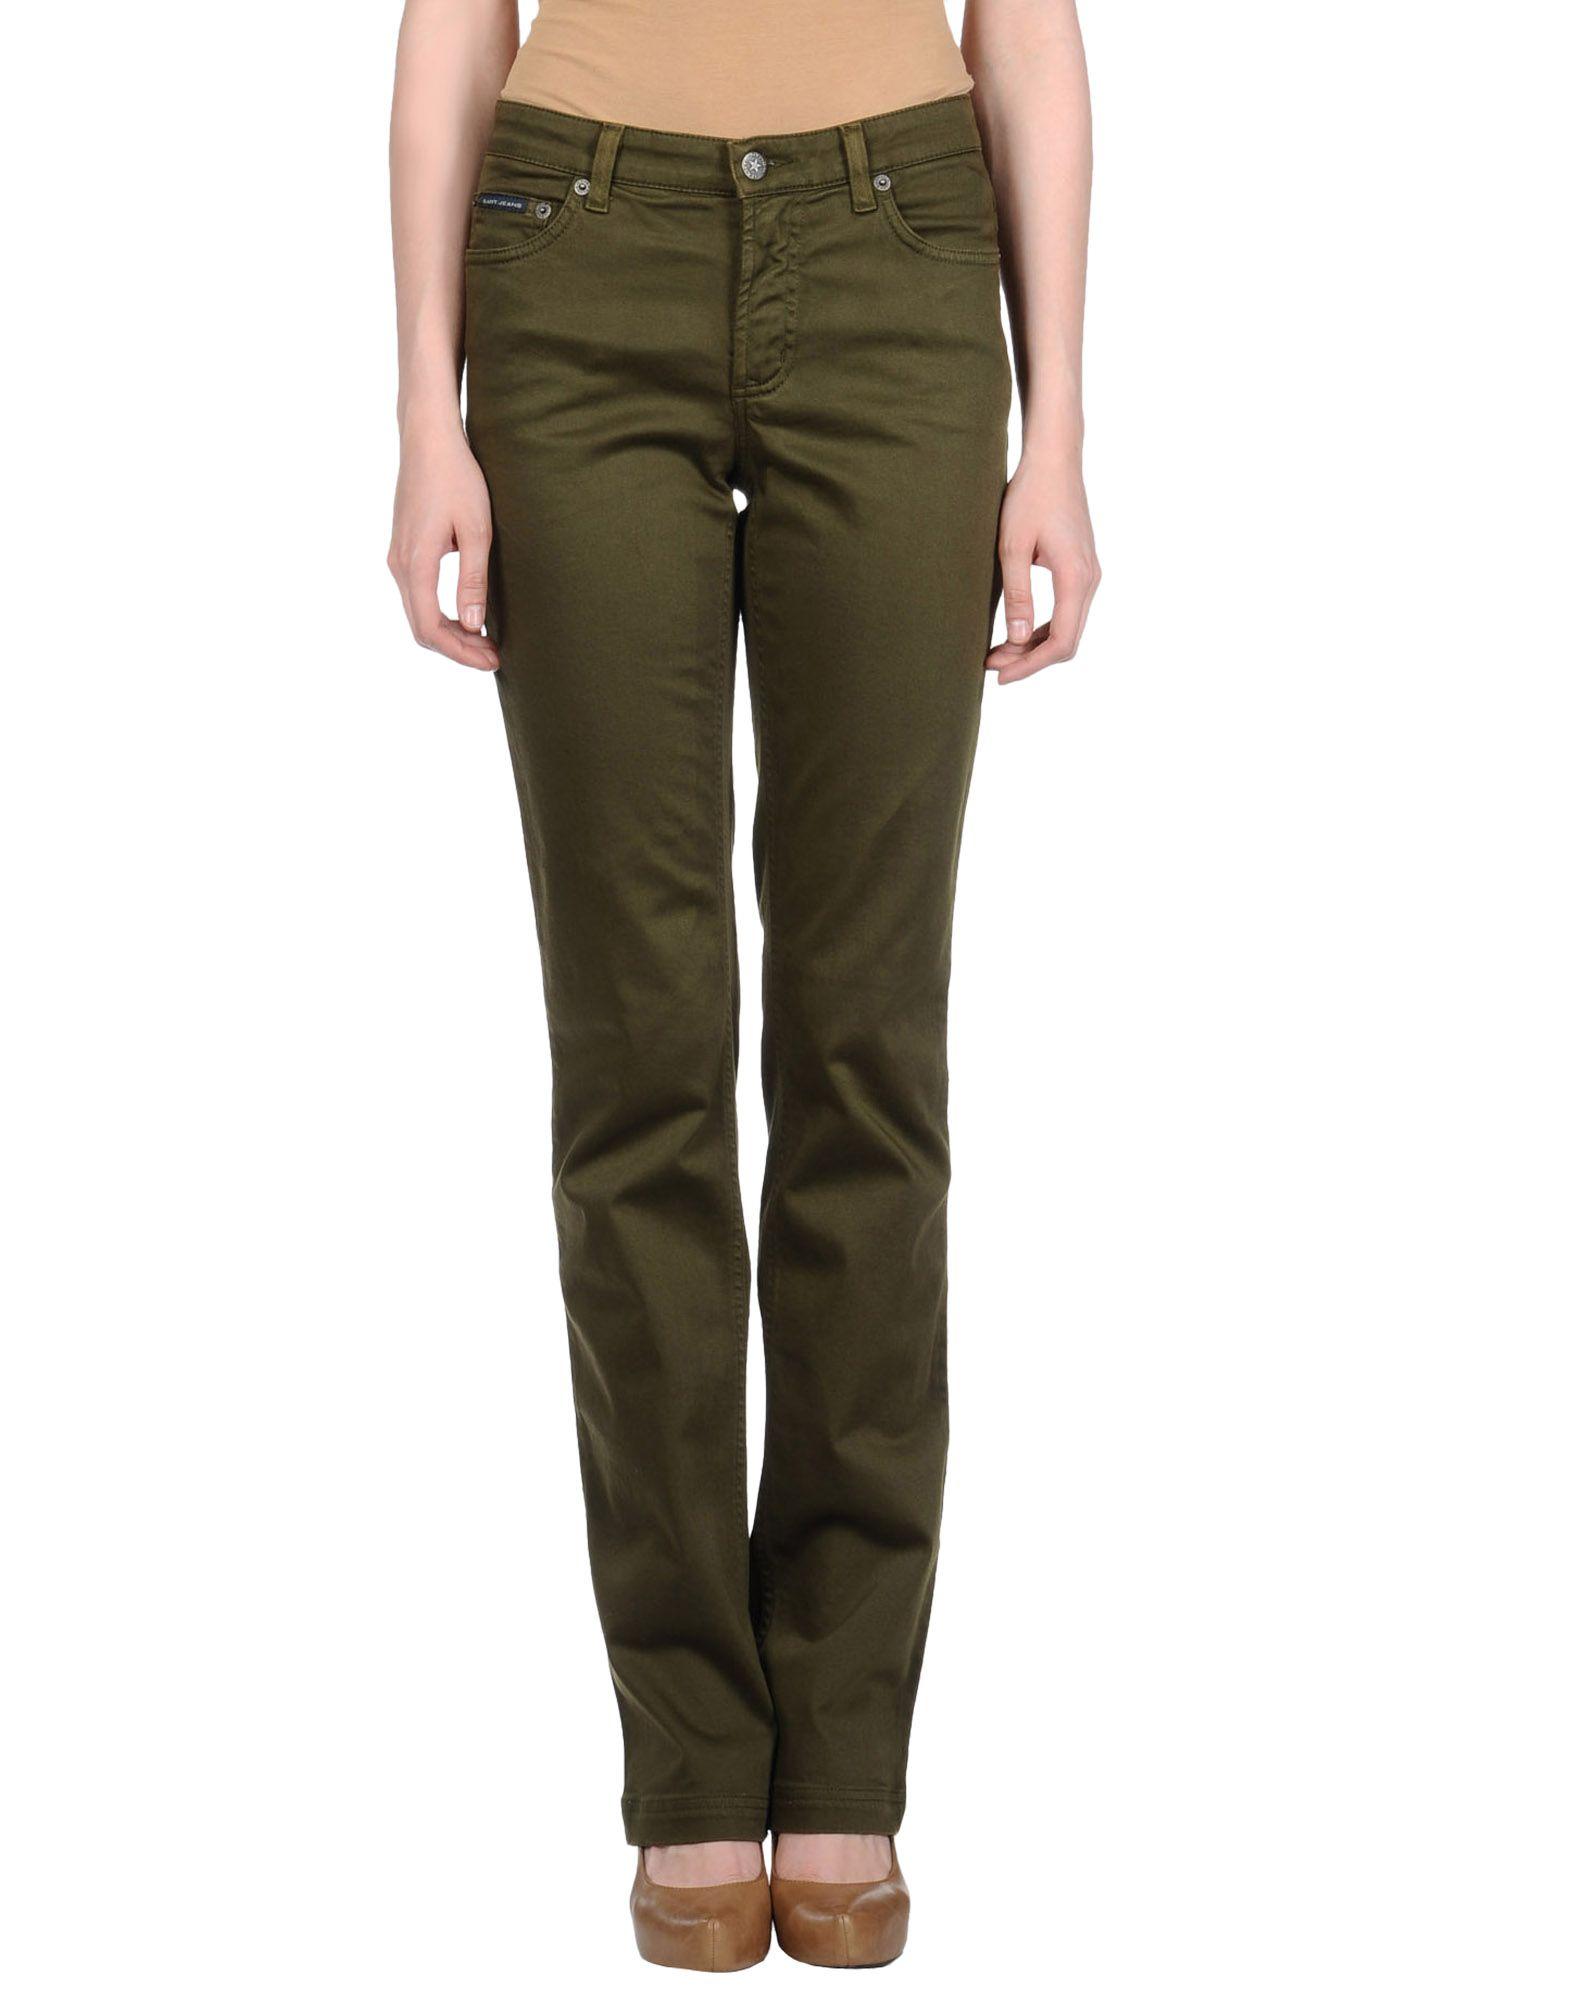 Celebrity Pink Jeans – Mezclilla Mujer $ Comprar productos Fenical Pantalones Largos Harem de Las Mujeres Pantalones de Cintura Alta Pantalones Largos Sueltos Bowknot de Las Mujeres – Talla M (Verde del ejército).